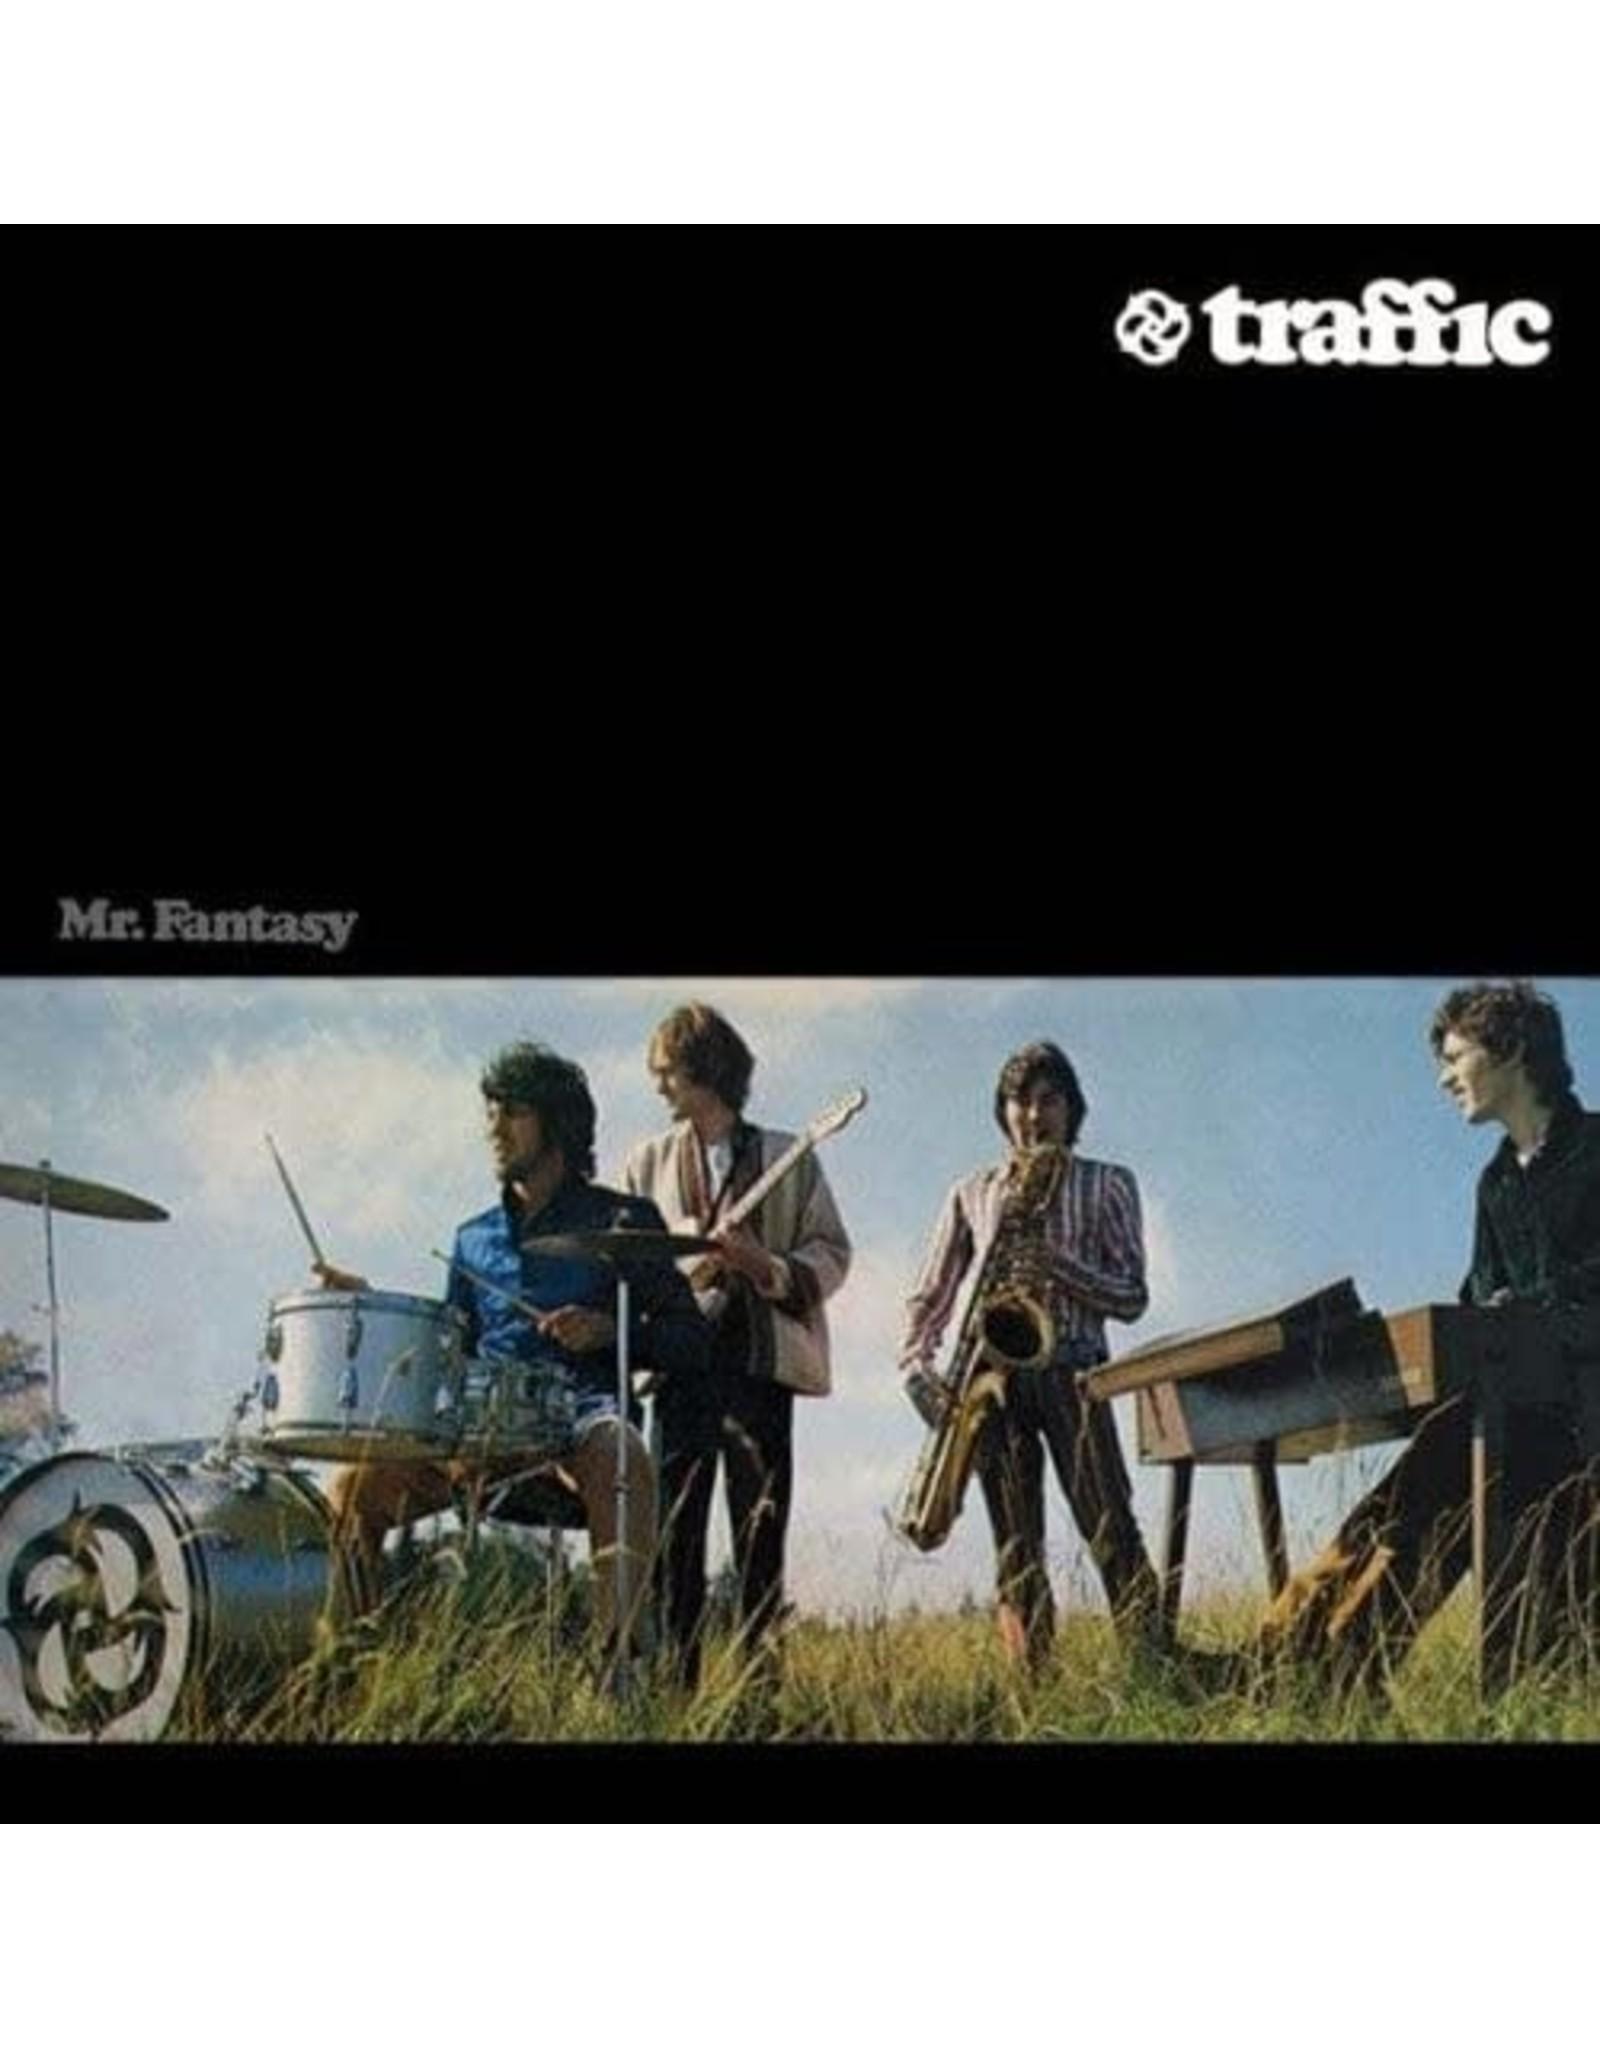 Vinyl Traffic - Mr. Fantasy